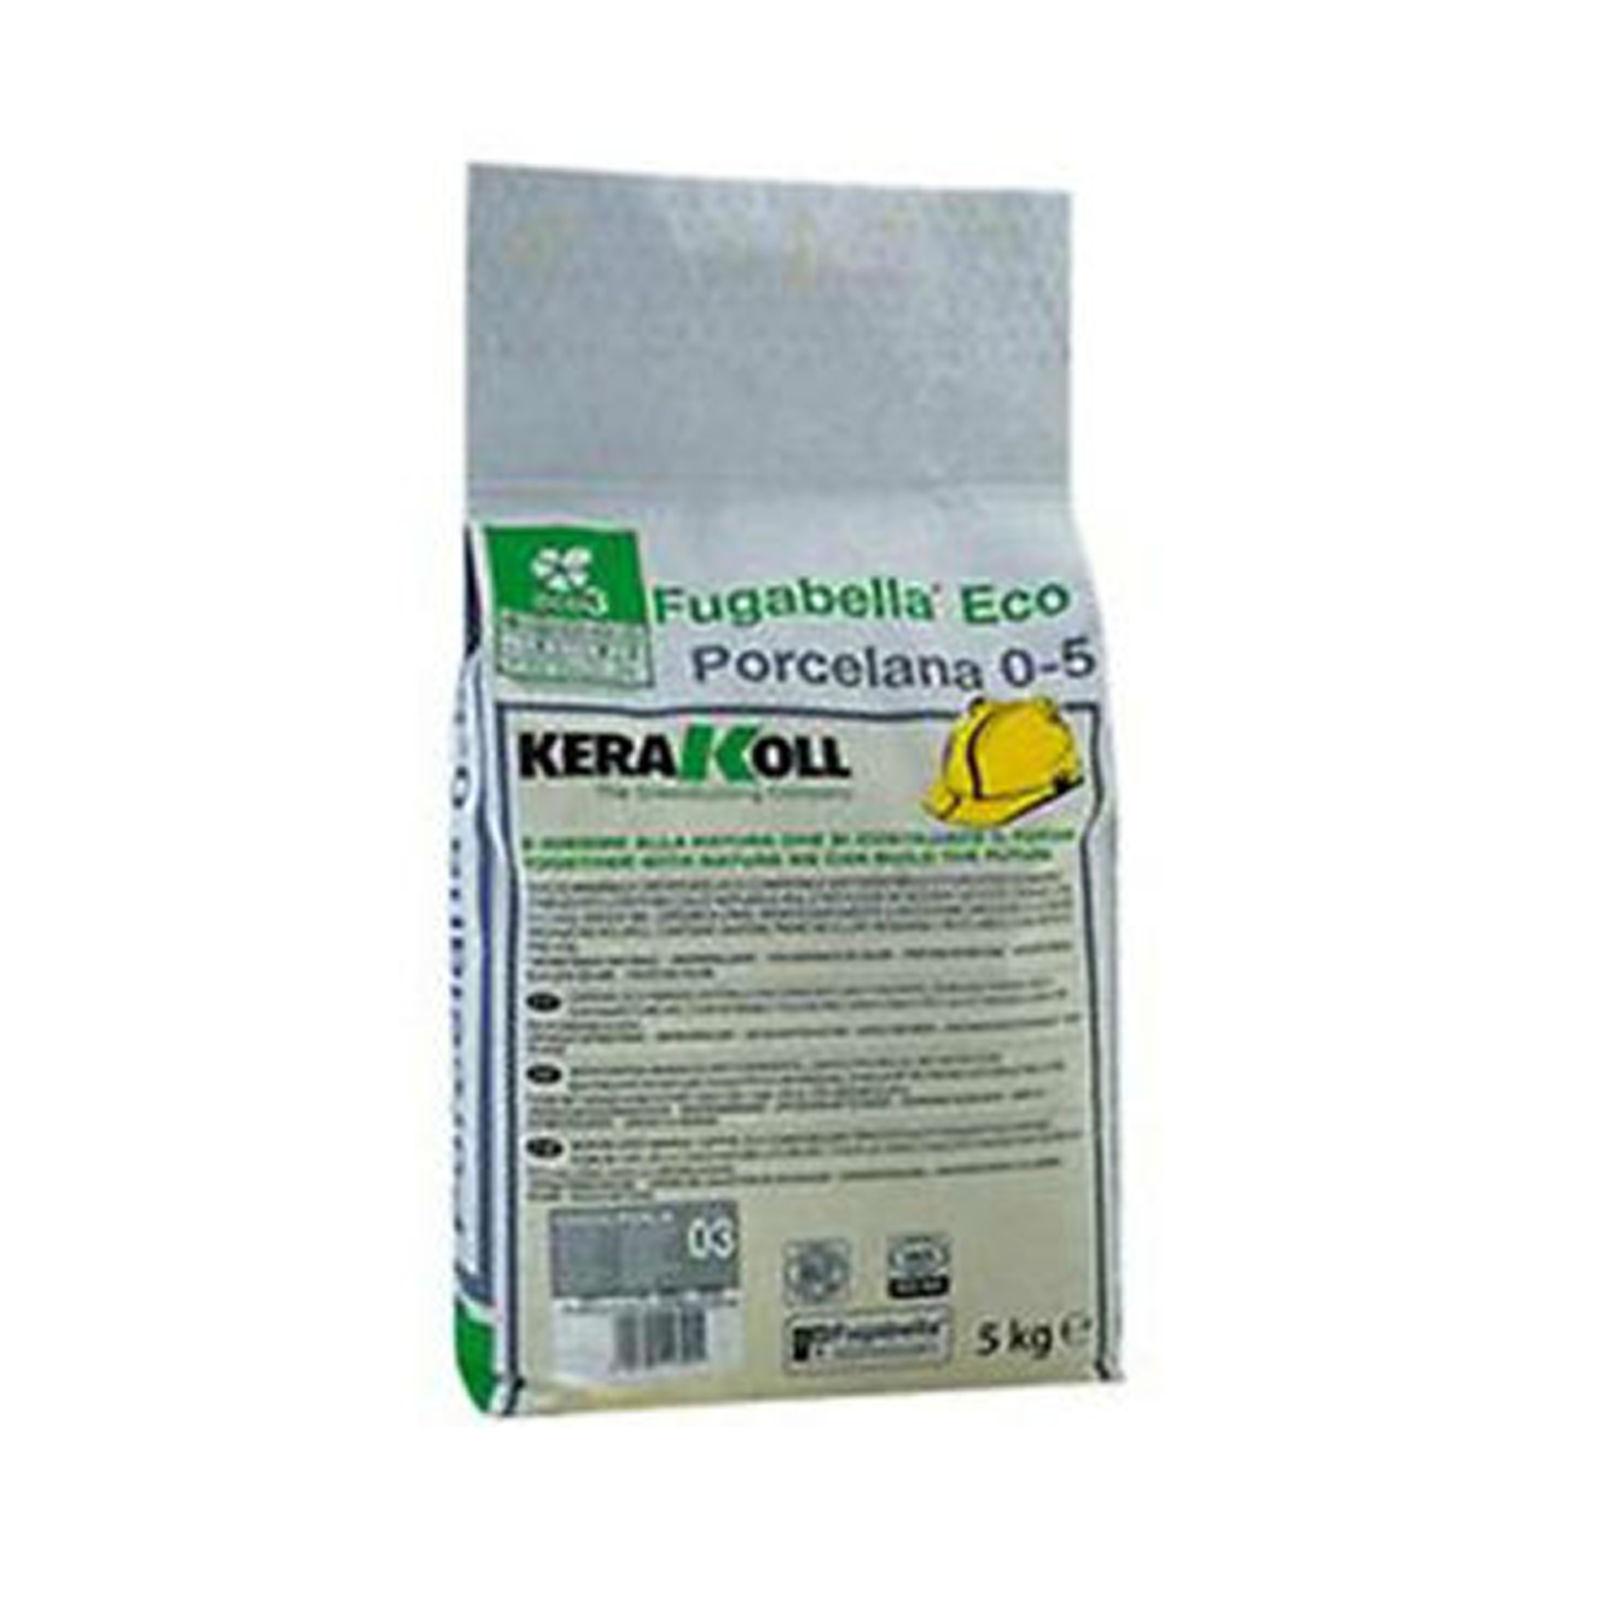 Kerakoll fugabella eco porcelana 0-5 fuga stucco per piastrelle colore tortora kg 5